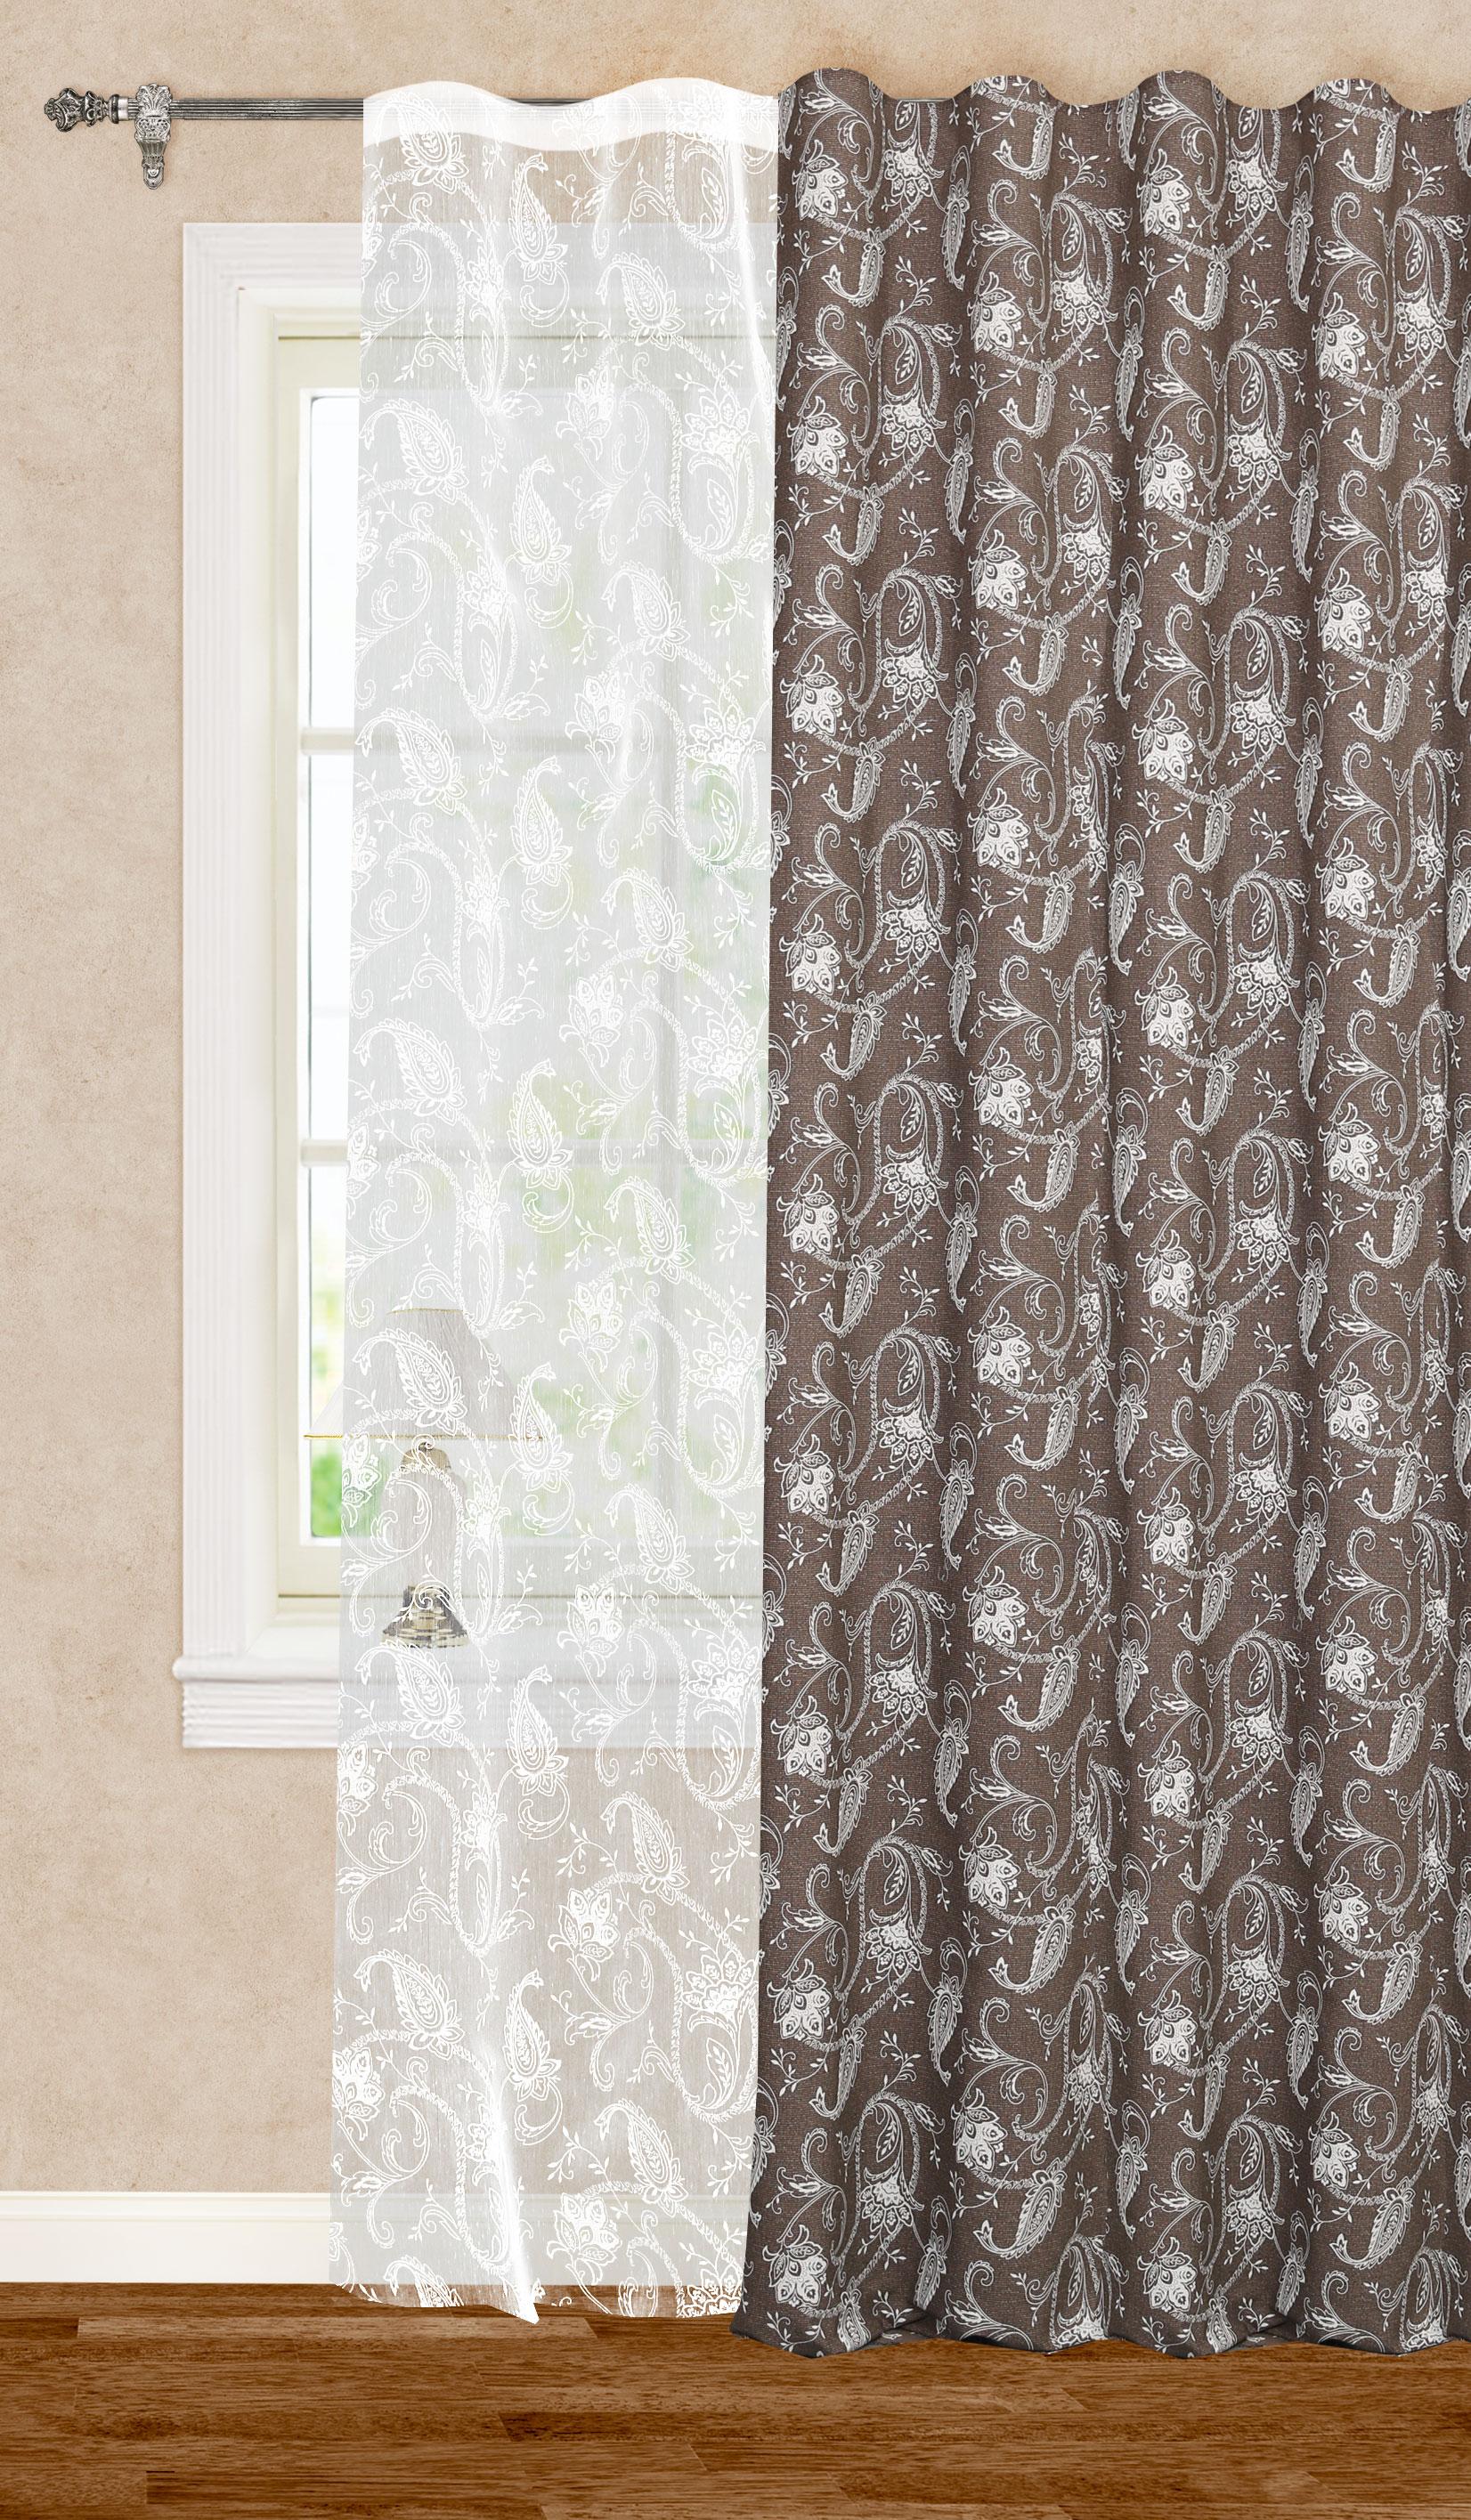 Штора готовая для гостиной Garden, на ленте, цвет: белый, коричневый, размер 200*260 см. С11001-W2001V11SVC-300Роскошная портьерная штора Garden выполнена из репса (100% полиэстера) и декорирована цветочным принтом. Материал плотный и мягкий на ощупь.Оригинальная текстура ткани и классическая цветовая гамма привлекут к себе внимание и органично впишутся в интерьер помещения.Эта штора будет долгое время радовать вас и вашу семью!Штора крепится на карниз при помощи ленты, которая поможет красиво и равномерно задрапировать верх. Стирка при температуре 30°С.